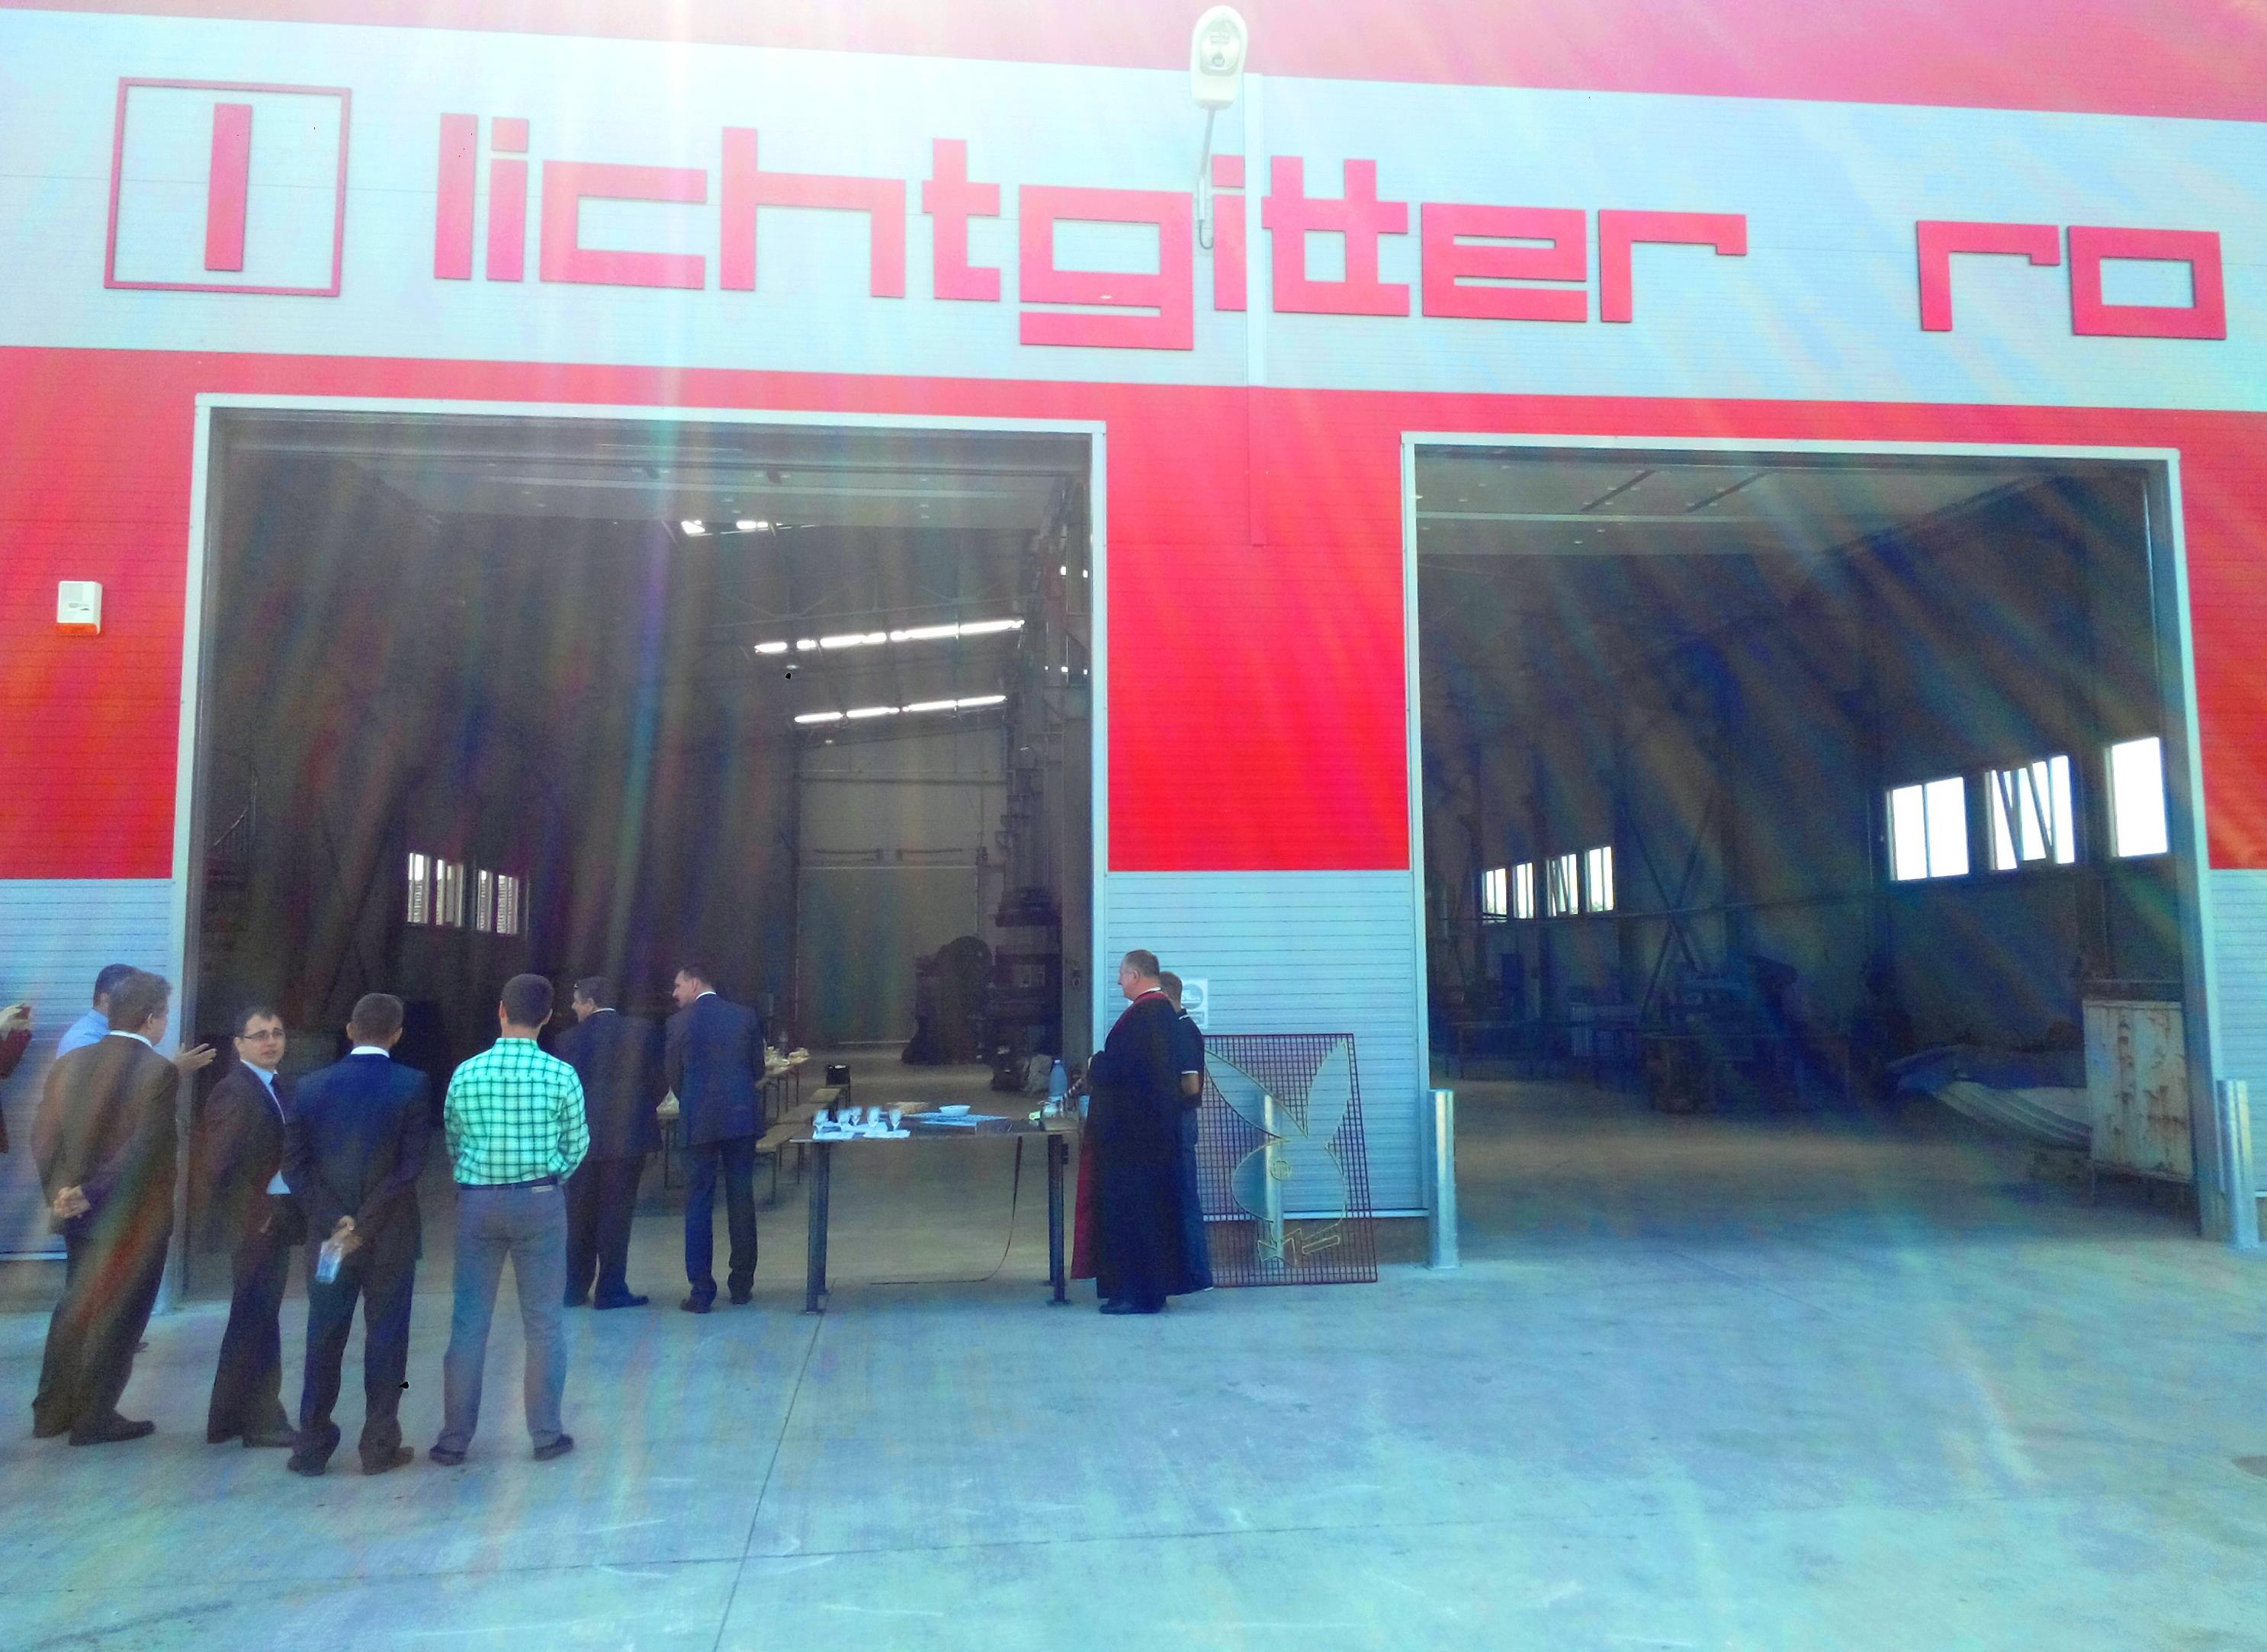 LICHTGITTER RO - LICHTGITTER RO